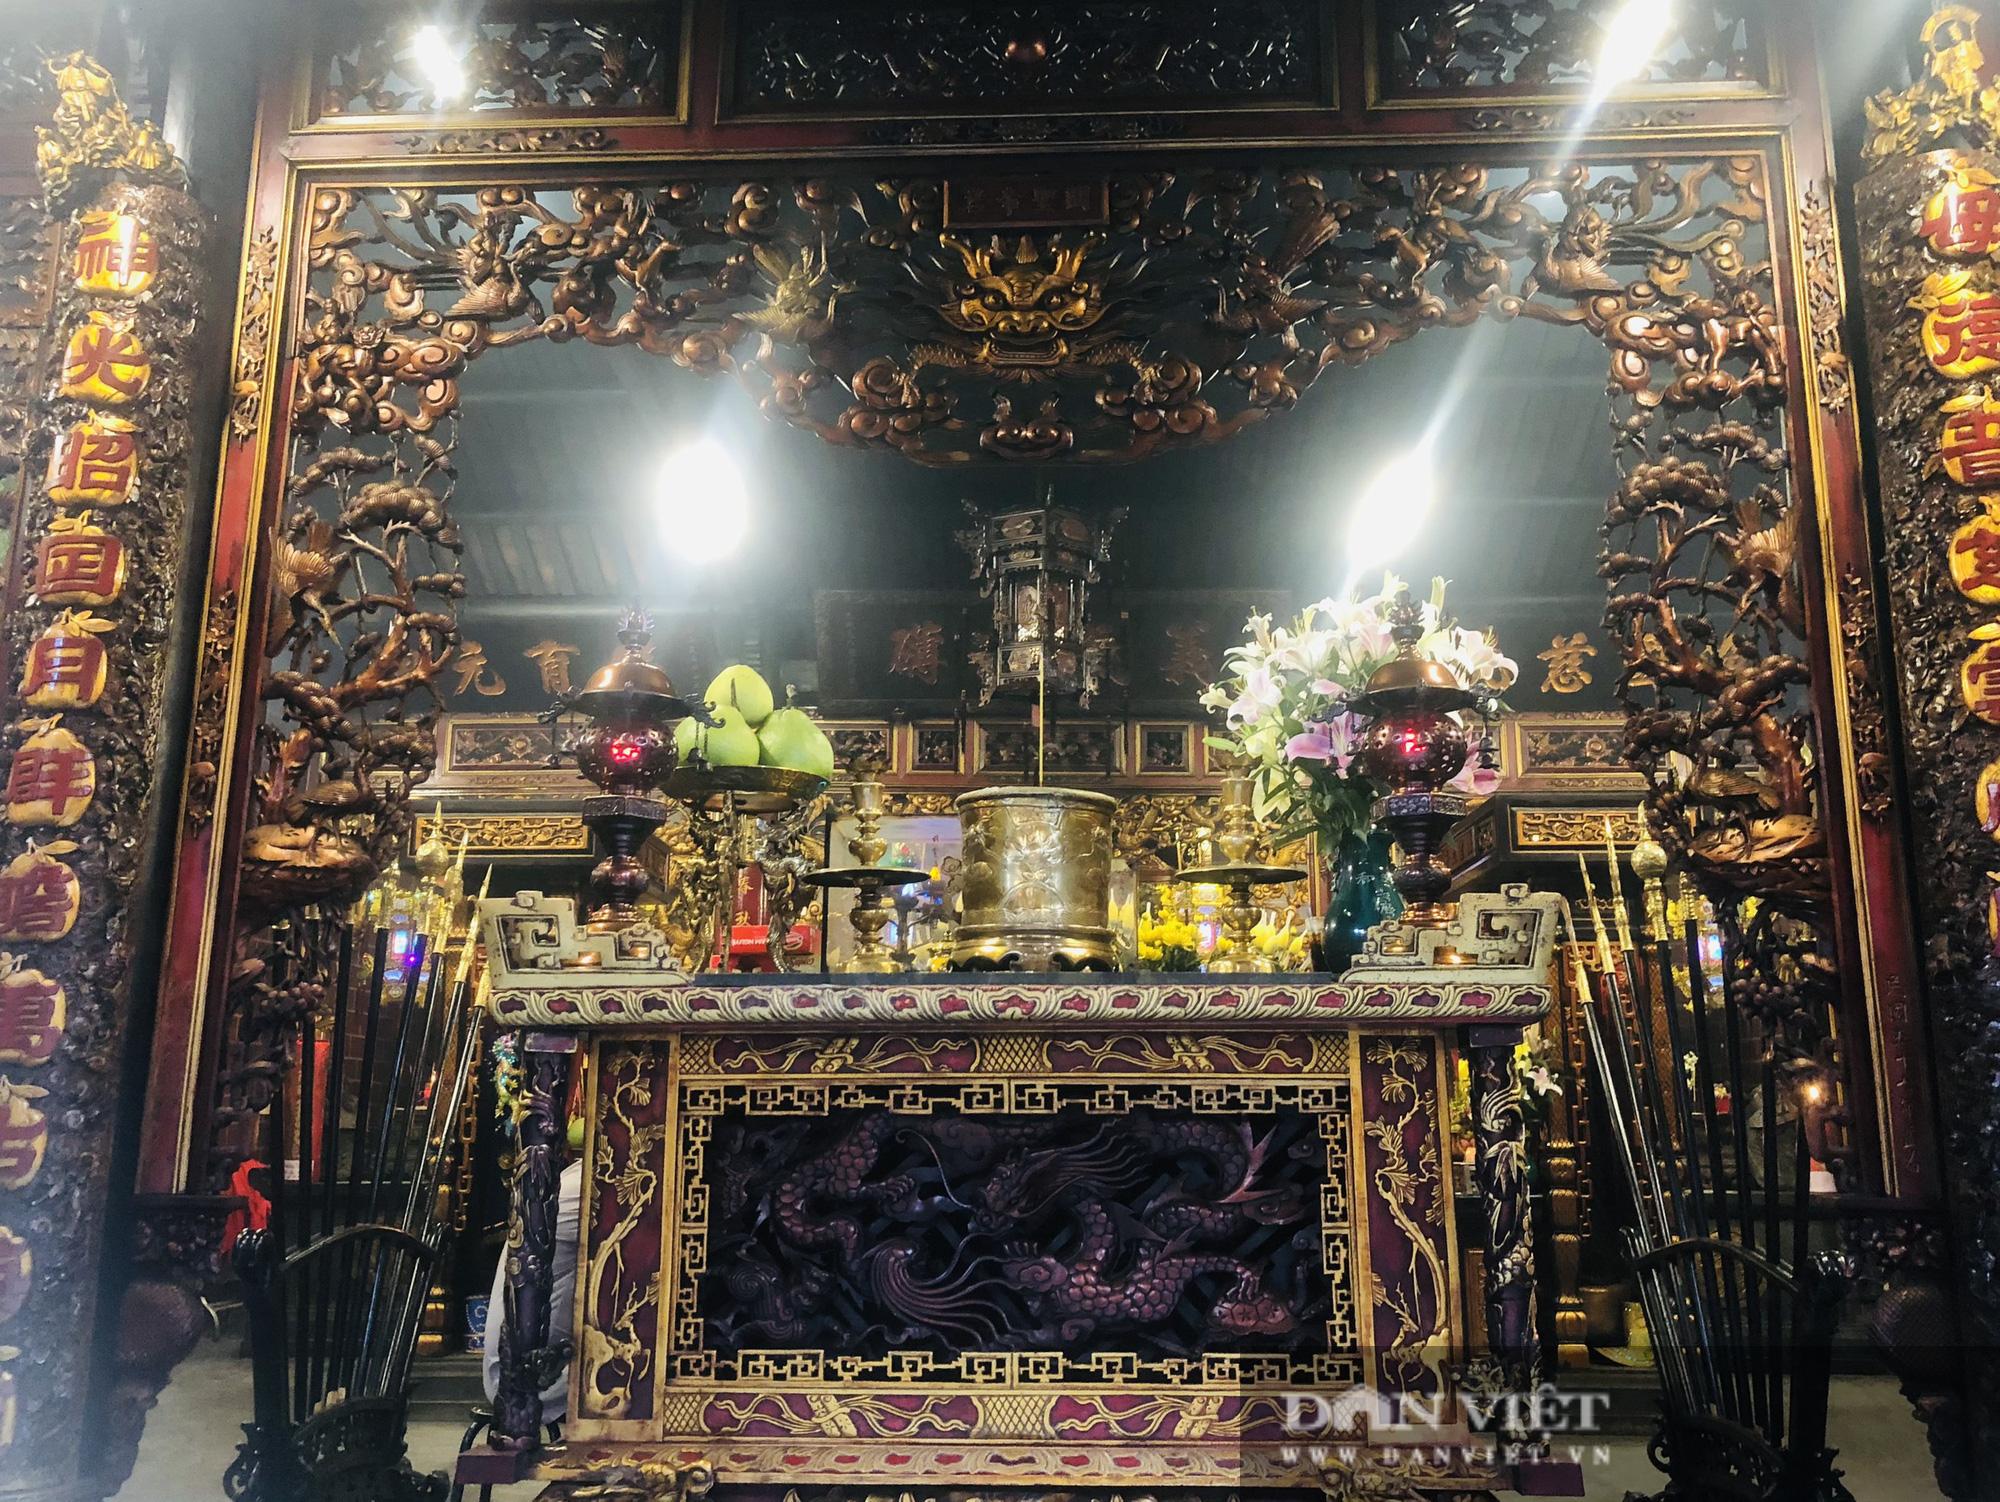 Thất phủ cổ miếu: Ngôi chùa Hoa đầu tiên ở Nam Bộ, nơi giao thoa giữa hai nền văn hoá Việt – Hoa - Ảnh 10.